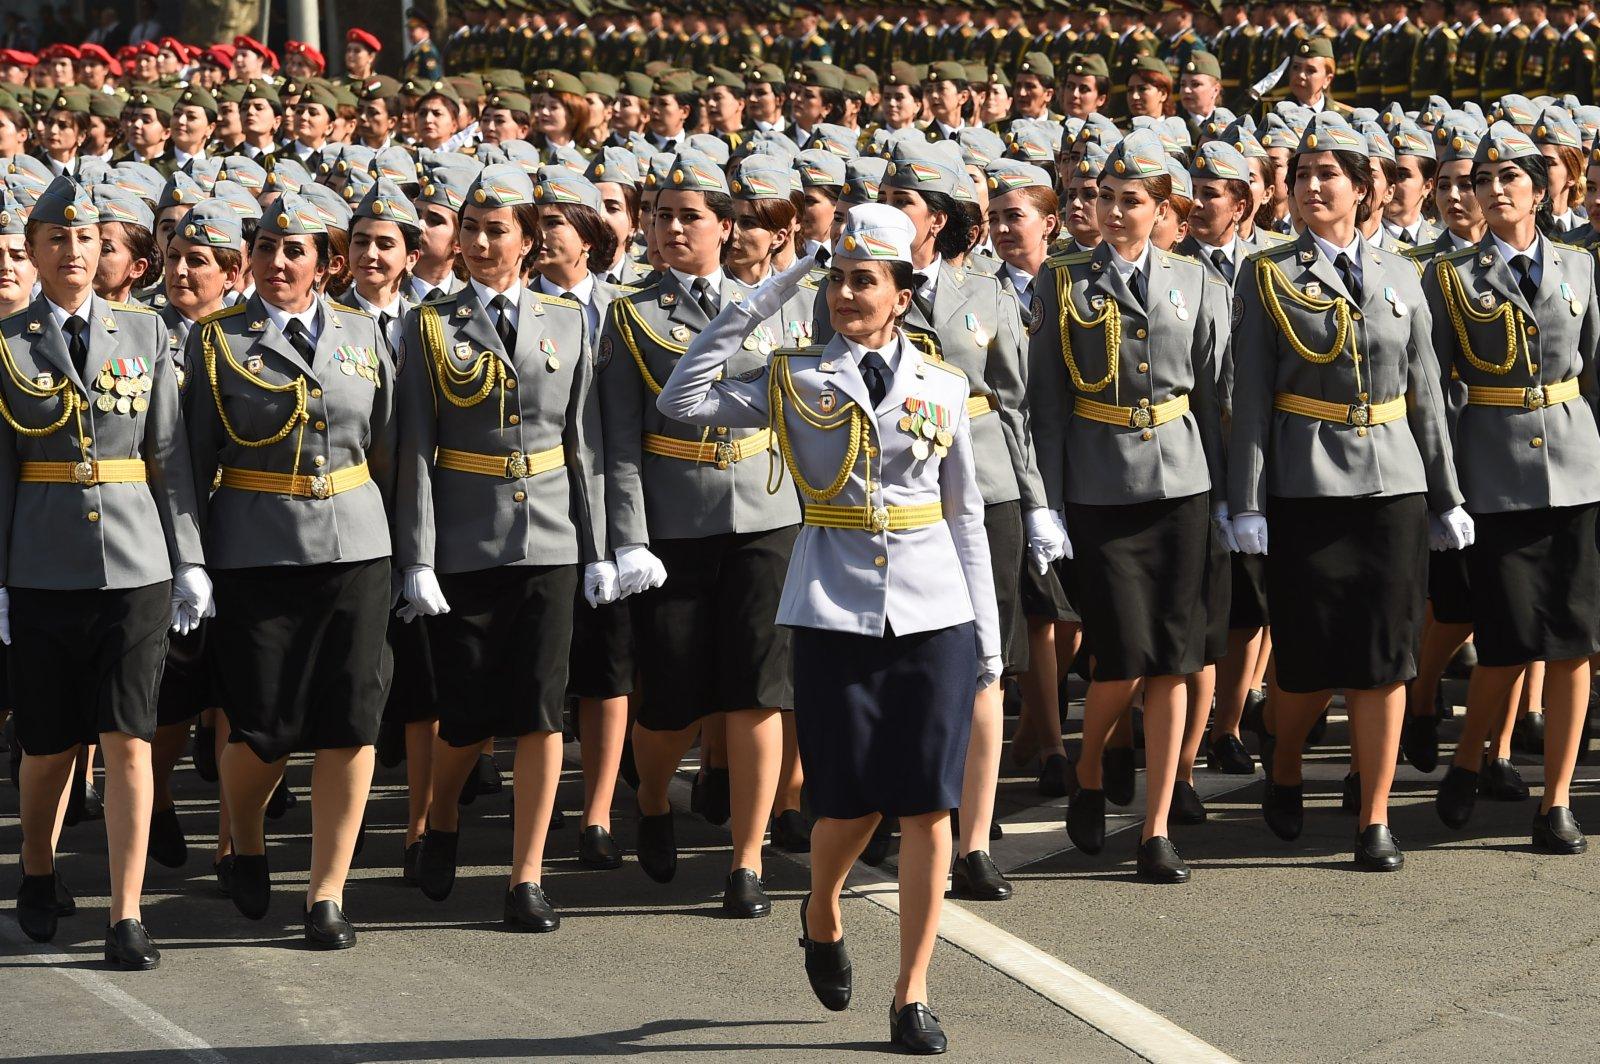 9月7日,塔吉克斯坦官兵在杜尚別舉行的閱兵儀式上接受檢閱。(新華社)